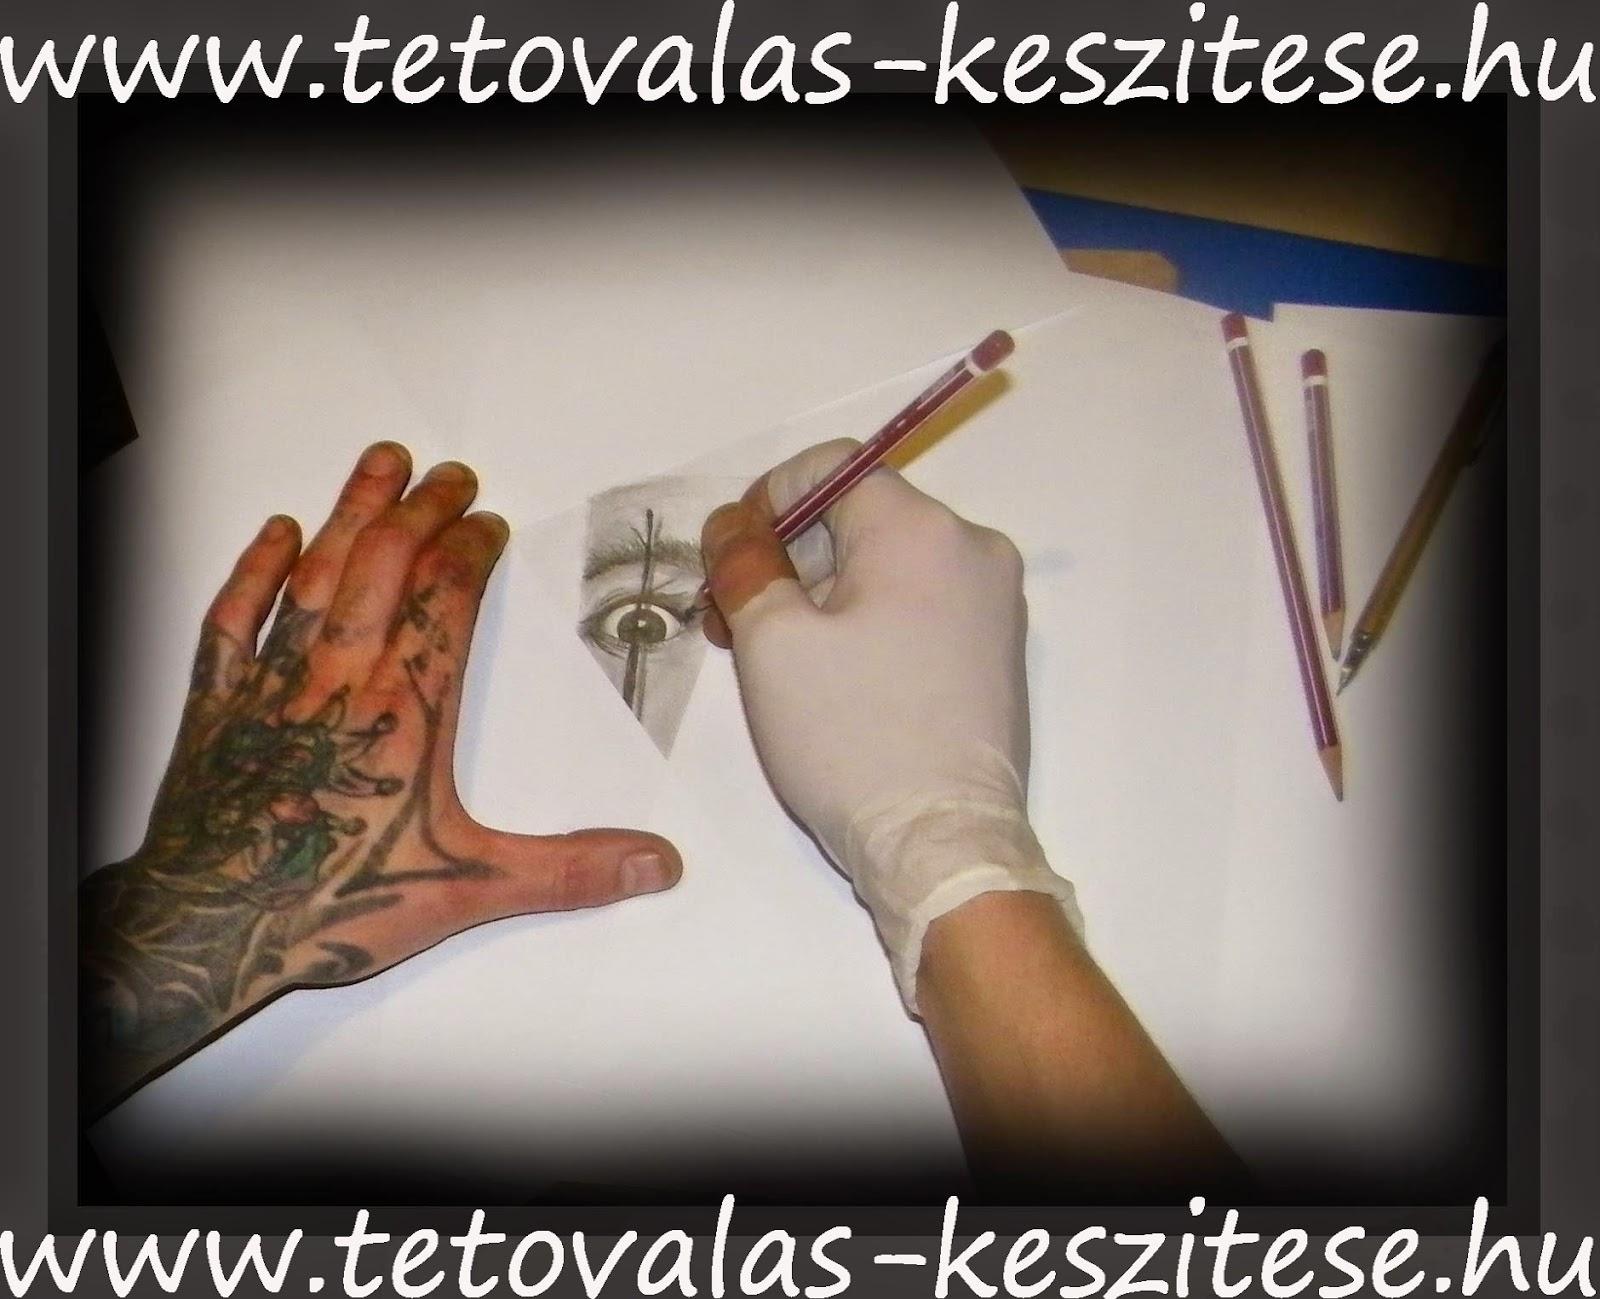 Tetoválás-készítése